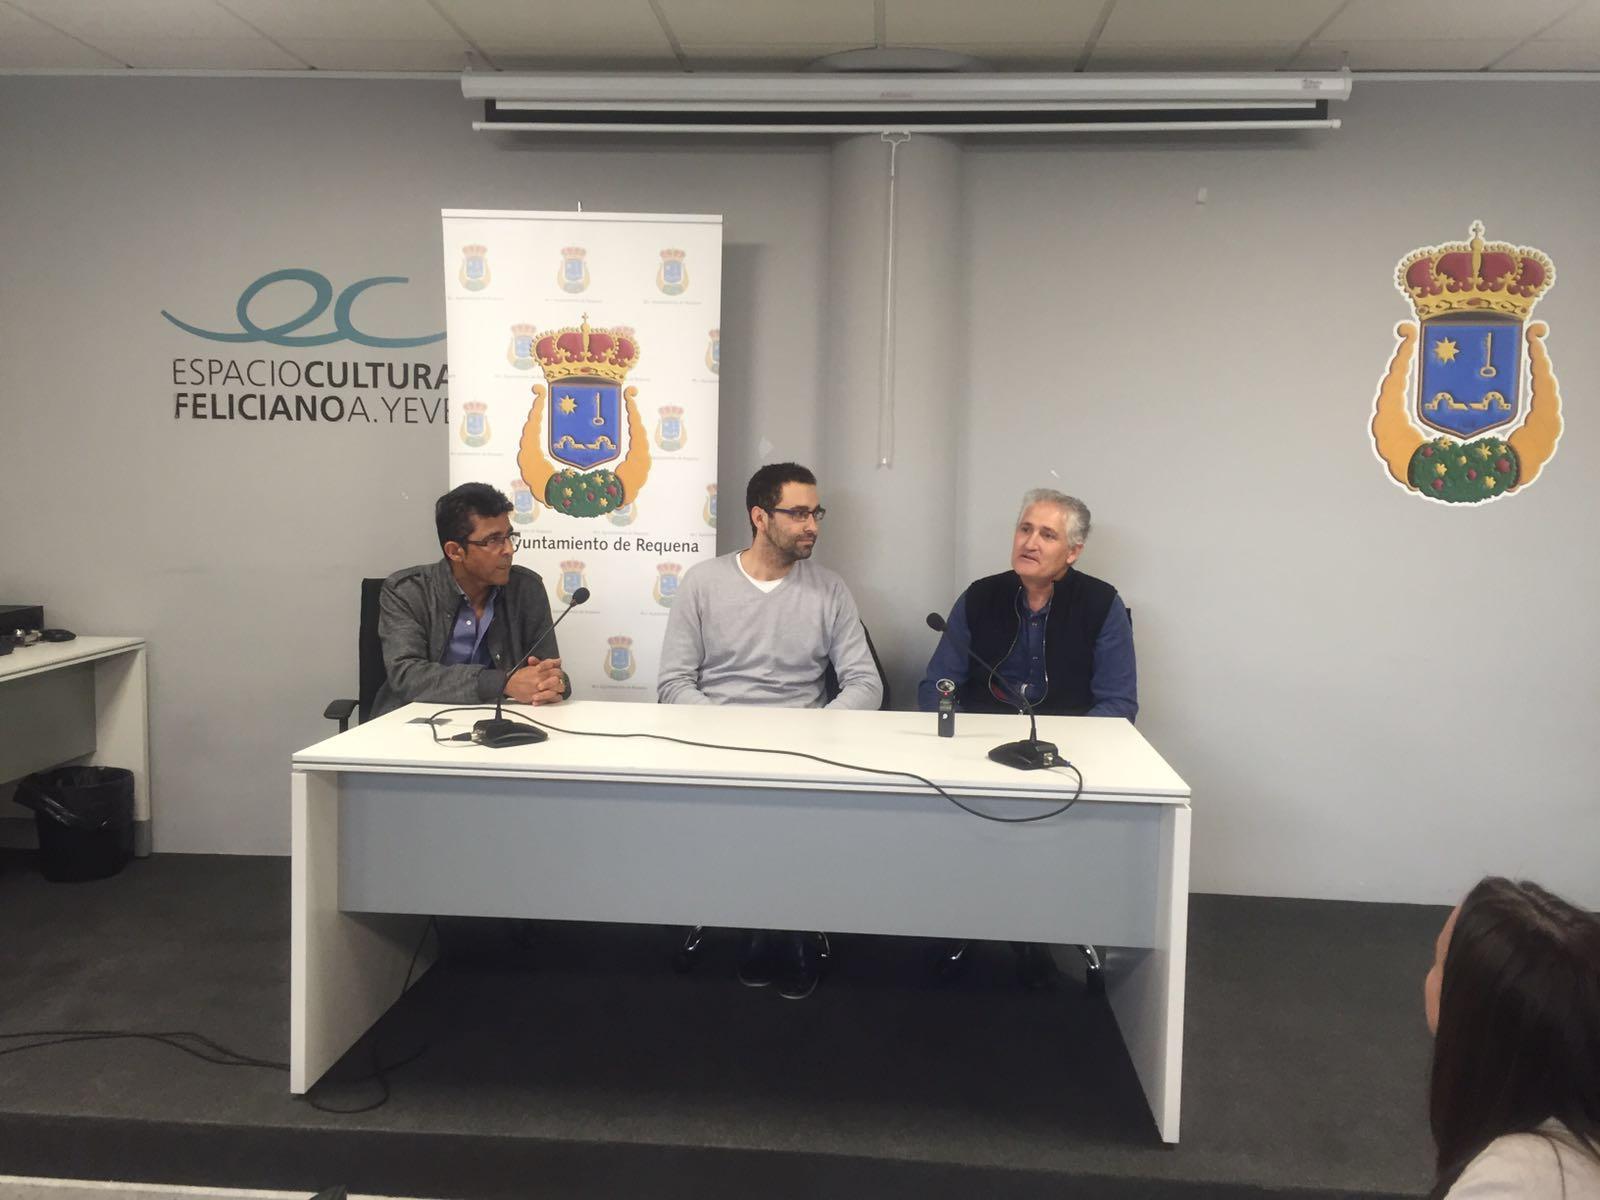 Presentación de la octava edición de la prueba a cargo de las autoridades locales y organizadores.